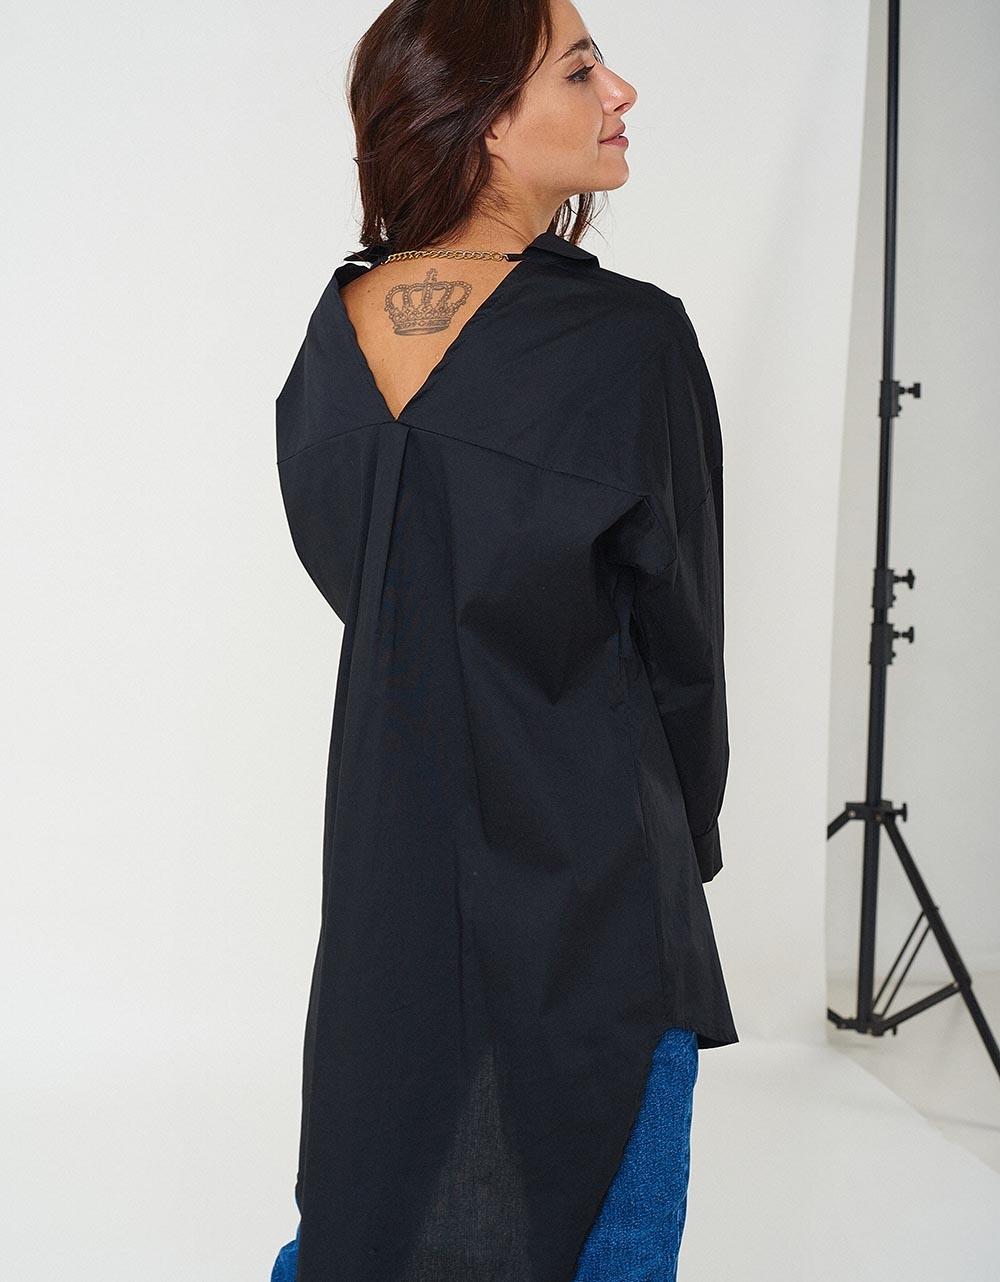 Εικόνα από Γυναικεία πουκαμίσα basic ασύμμετρη Μαύρο